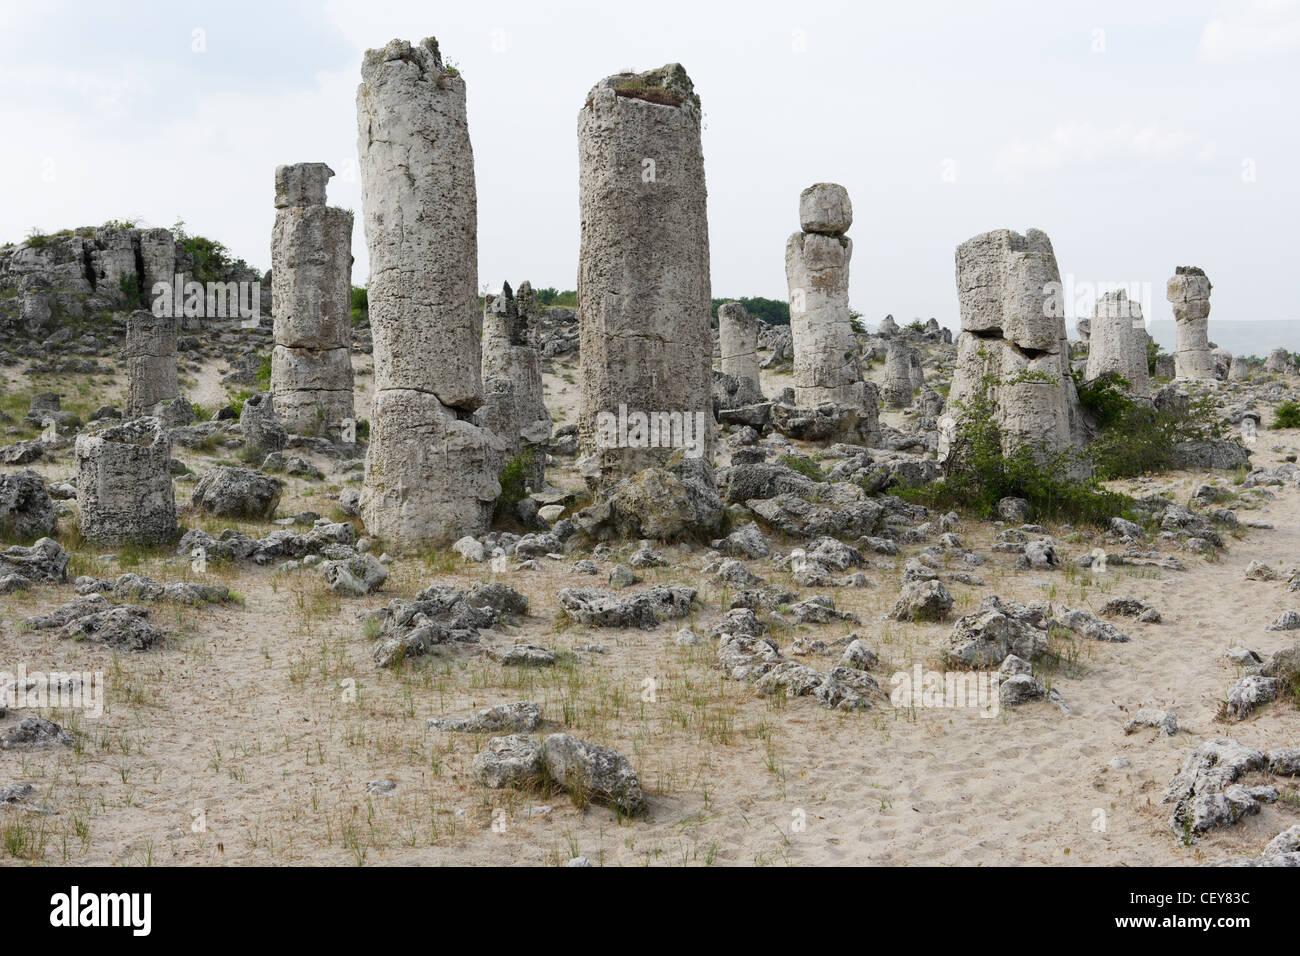 Stein-Phänomen in der Nähe von der Stadt Varna, Bulgarien Stockbild